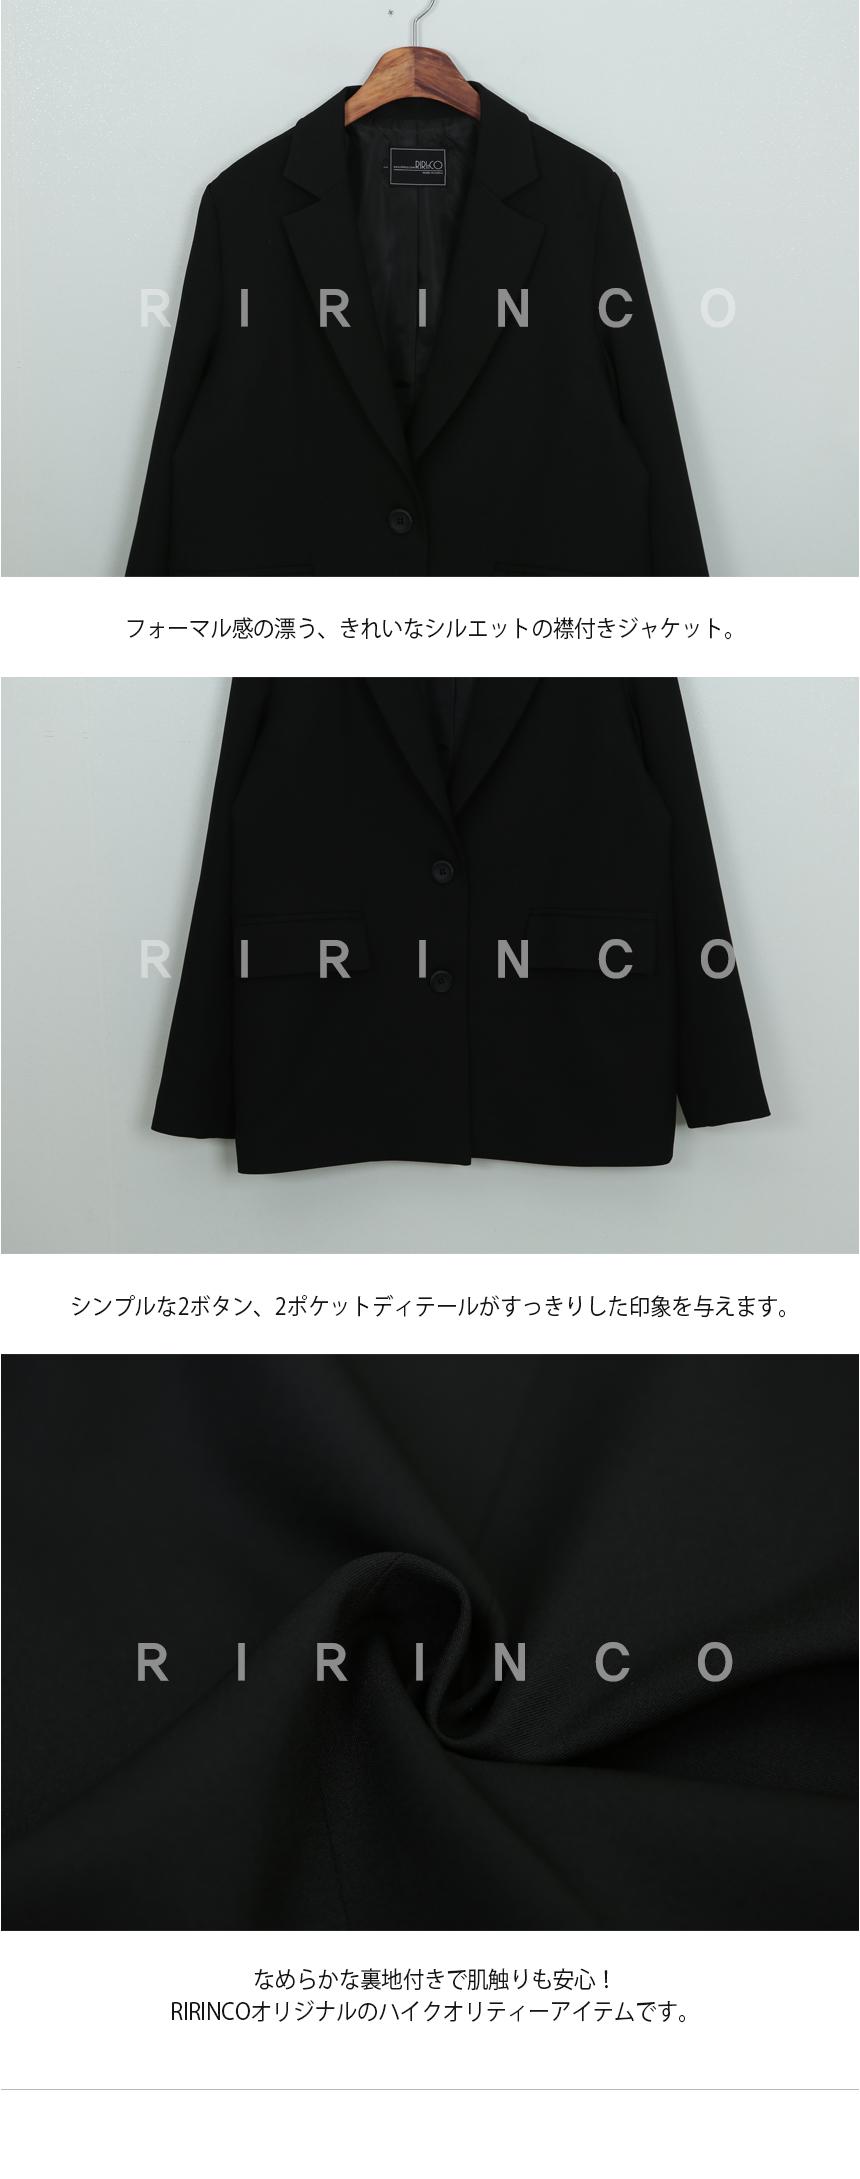 RIRINCO クラシックジャケット